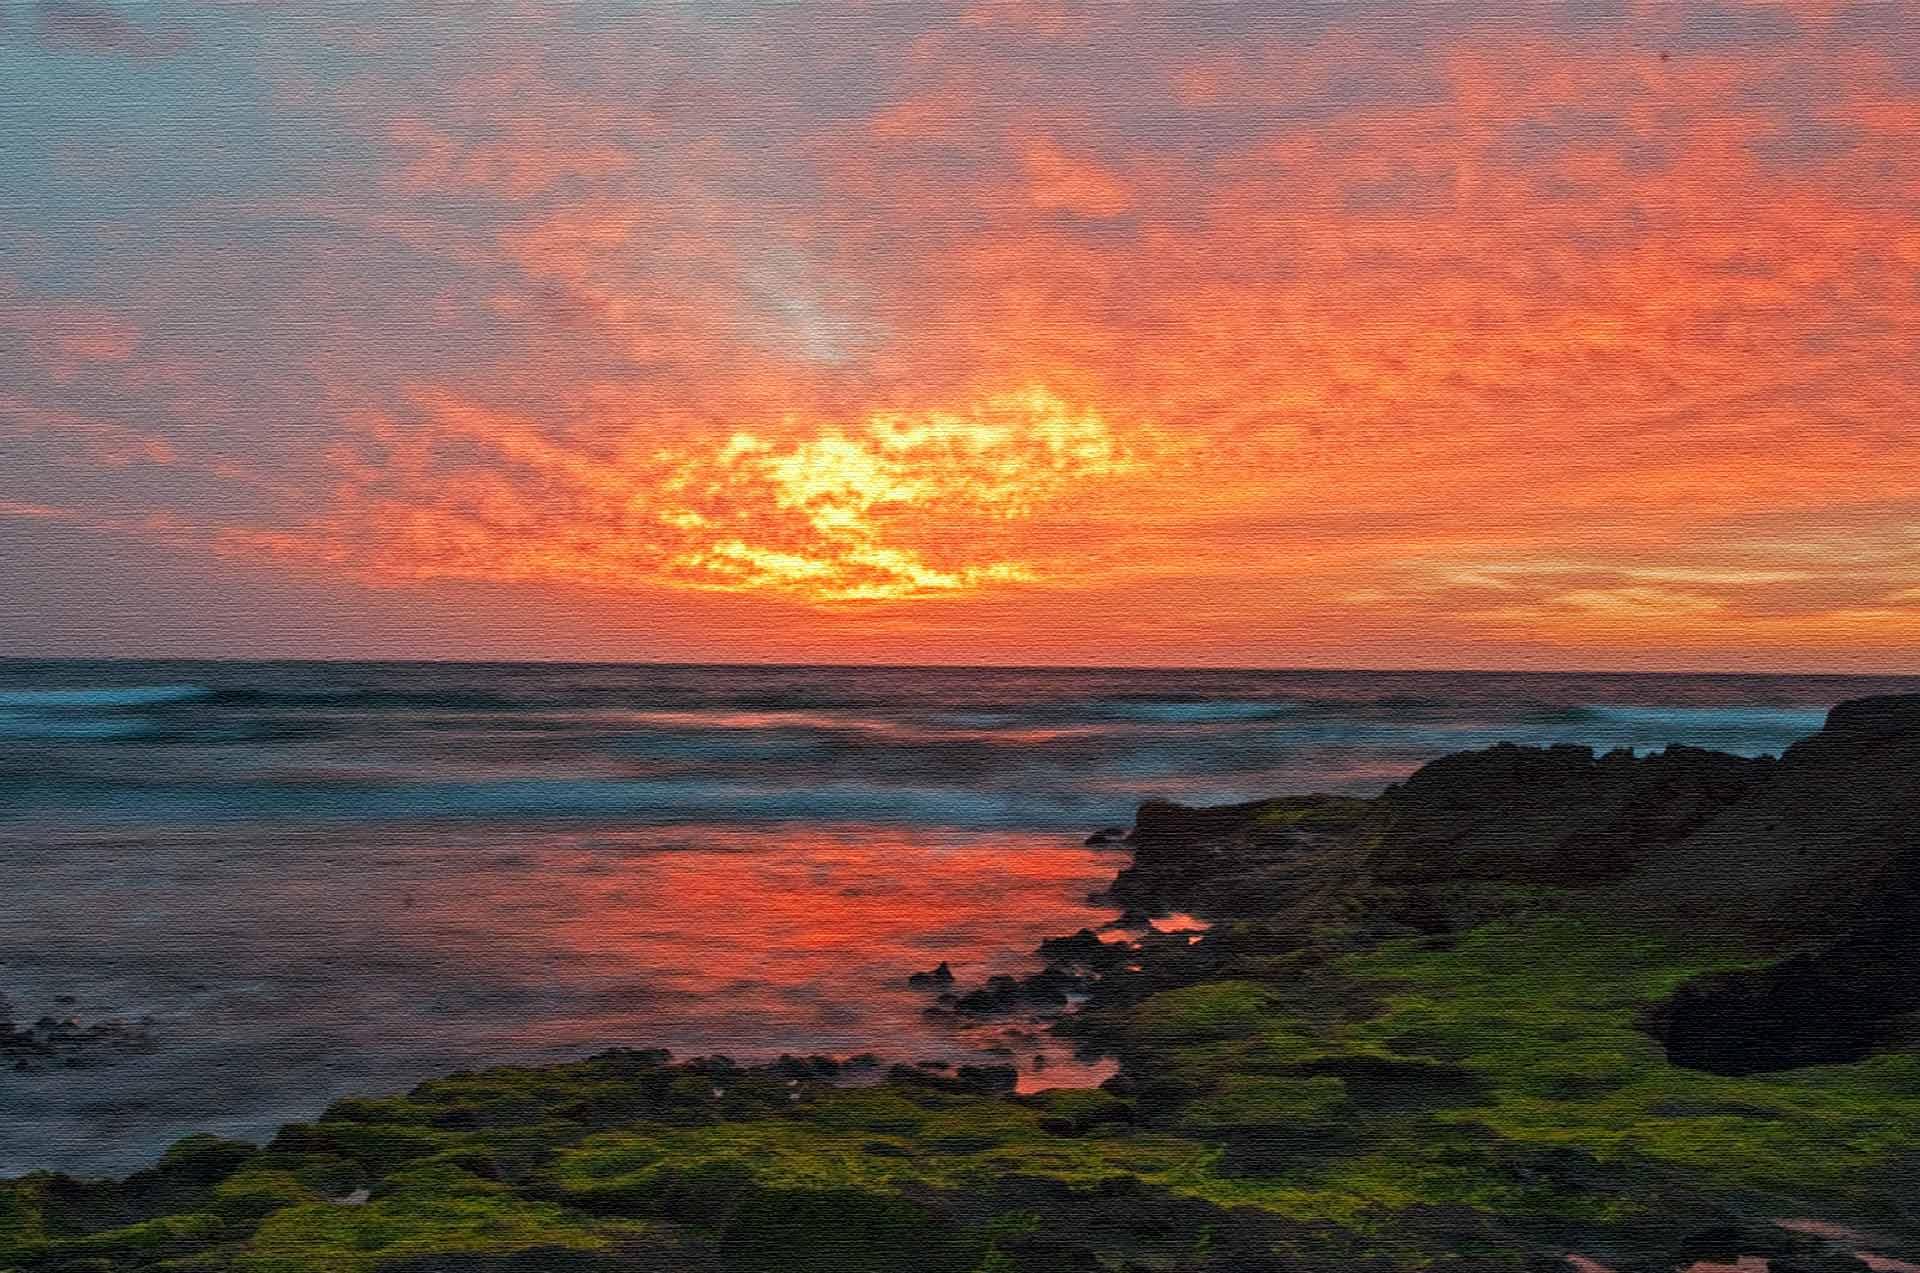 Остров Лансароте, Канарские острова — подробная информация с фото